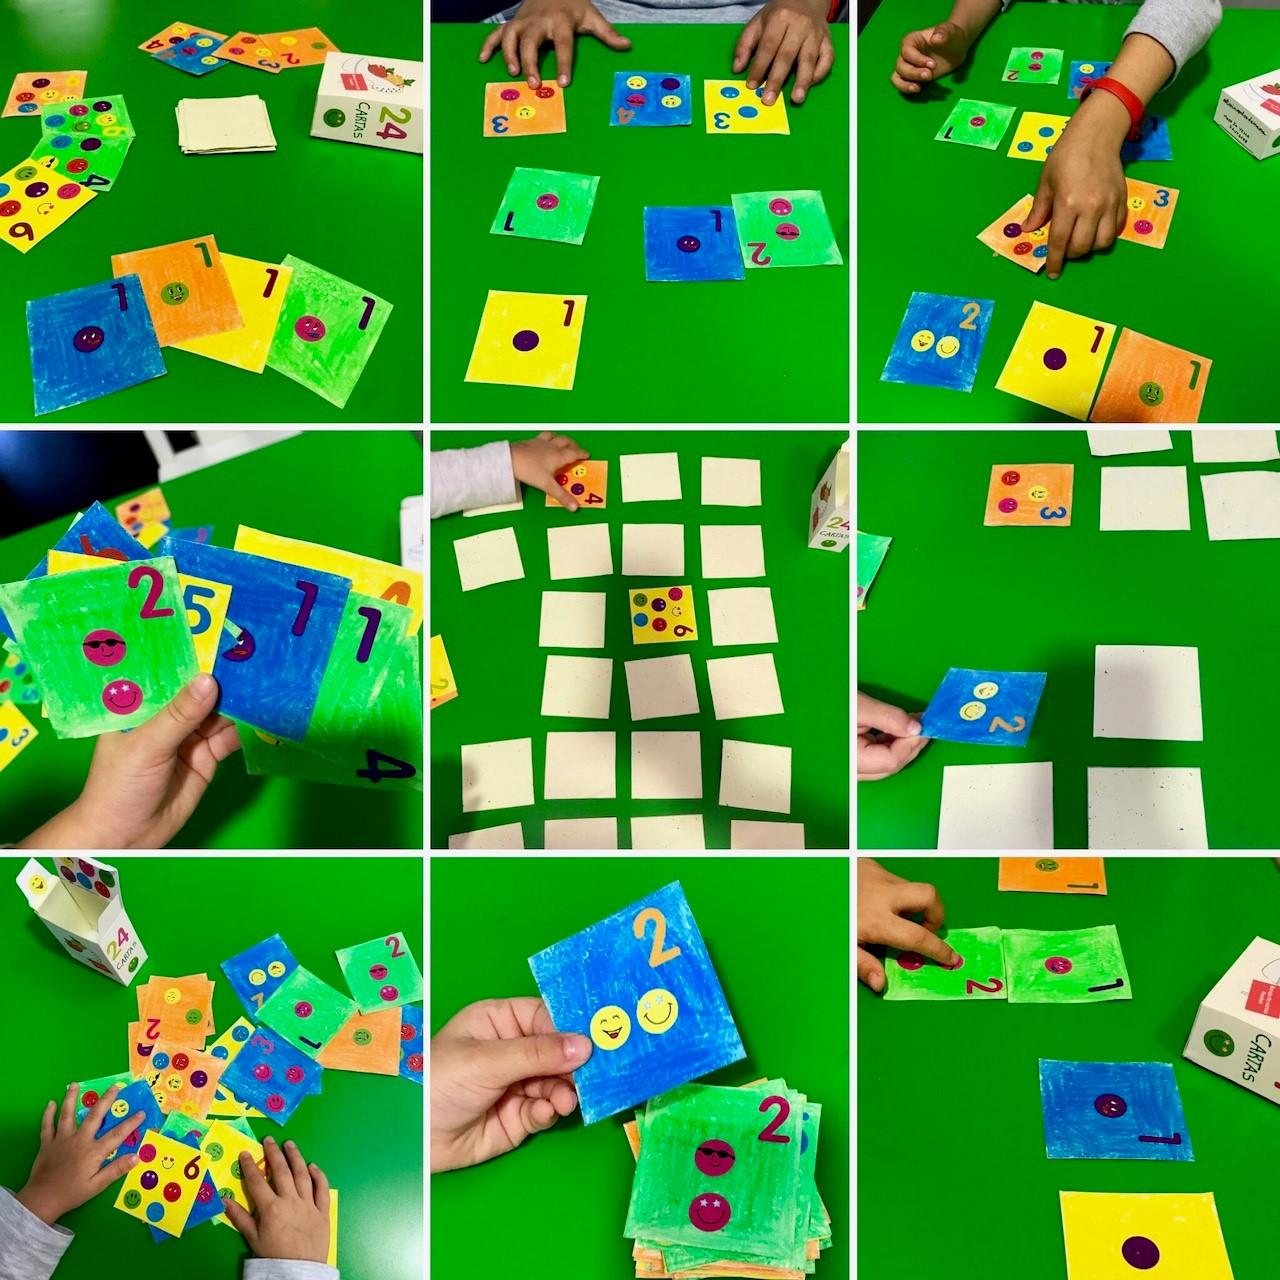 30 Y Y Mama 6 Juegos Para Ninos Baraja De Cartas Diy